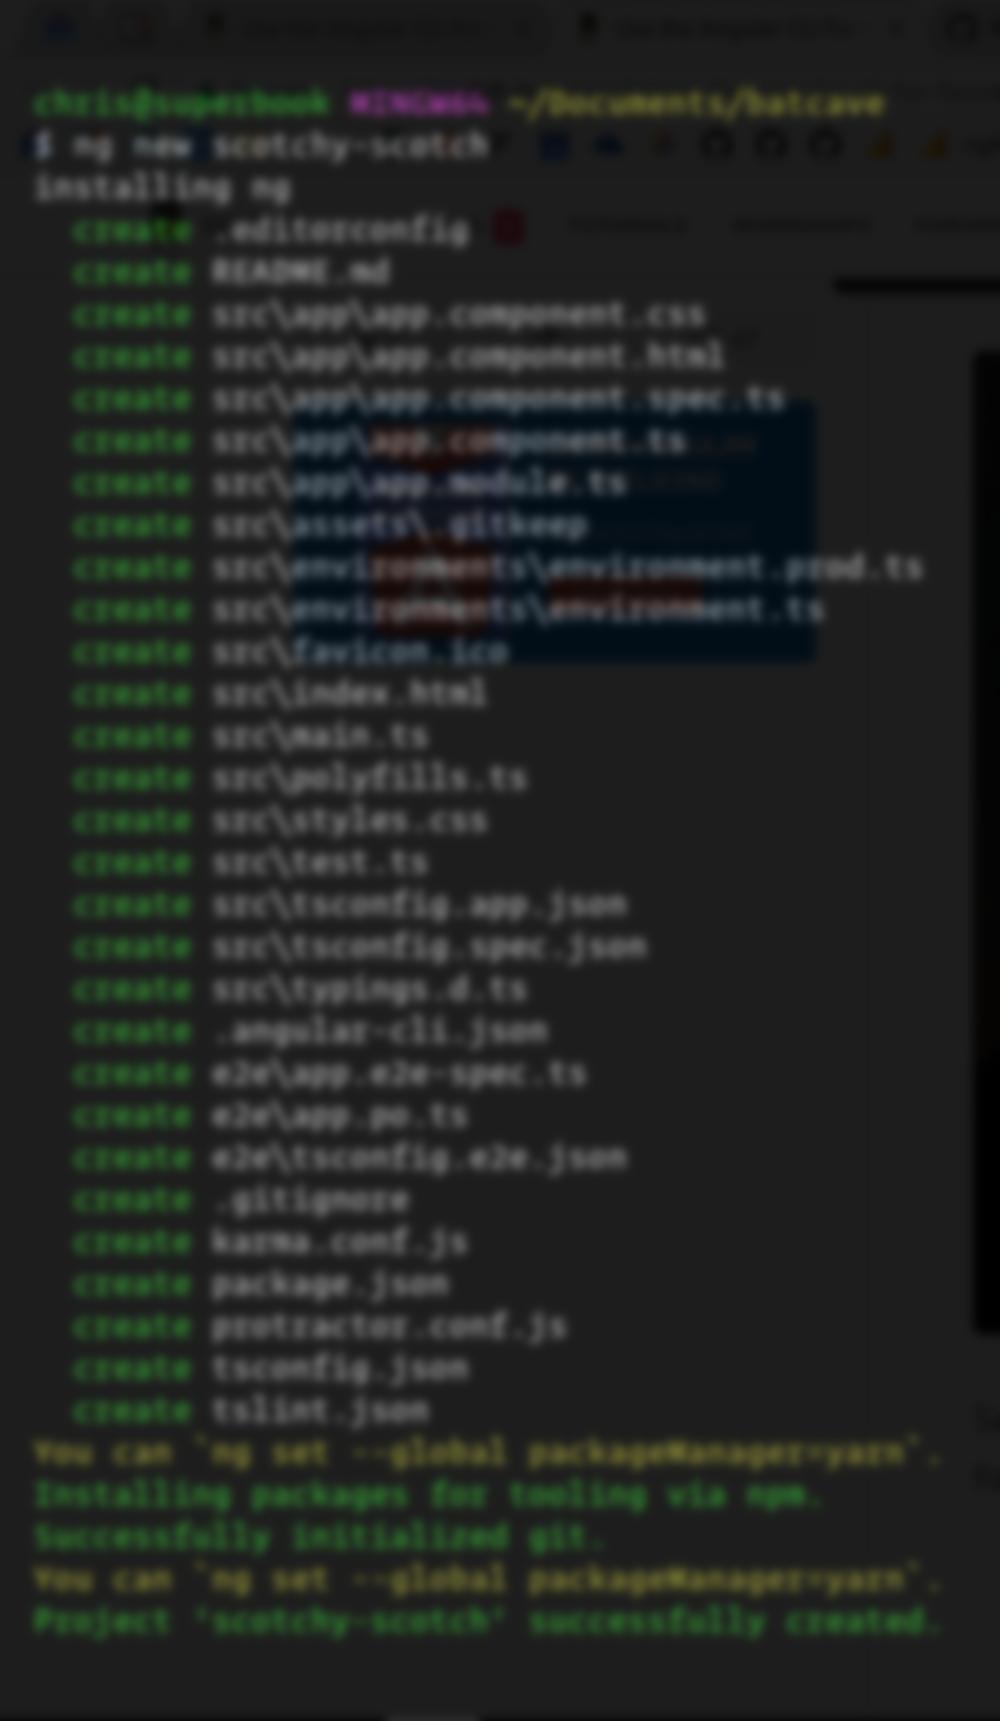 Angular CLI ng new